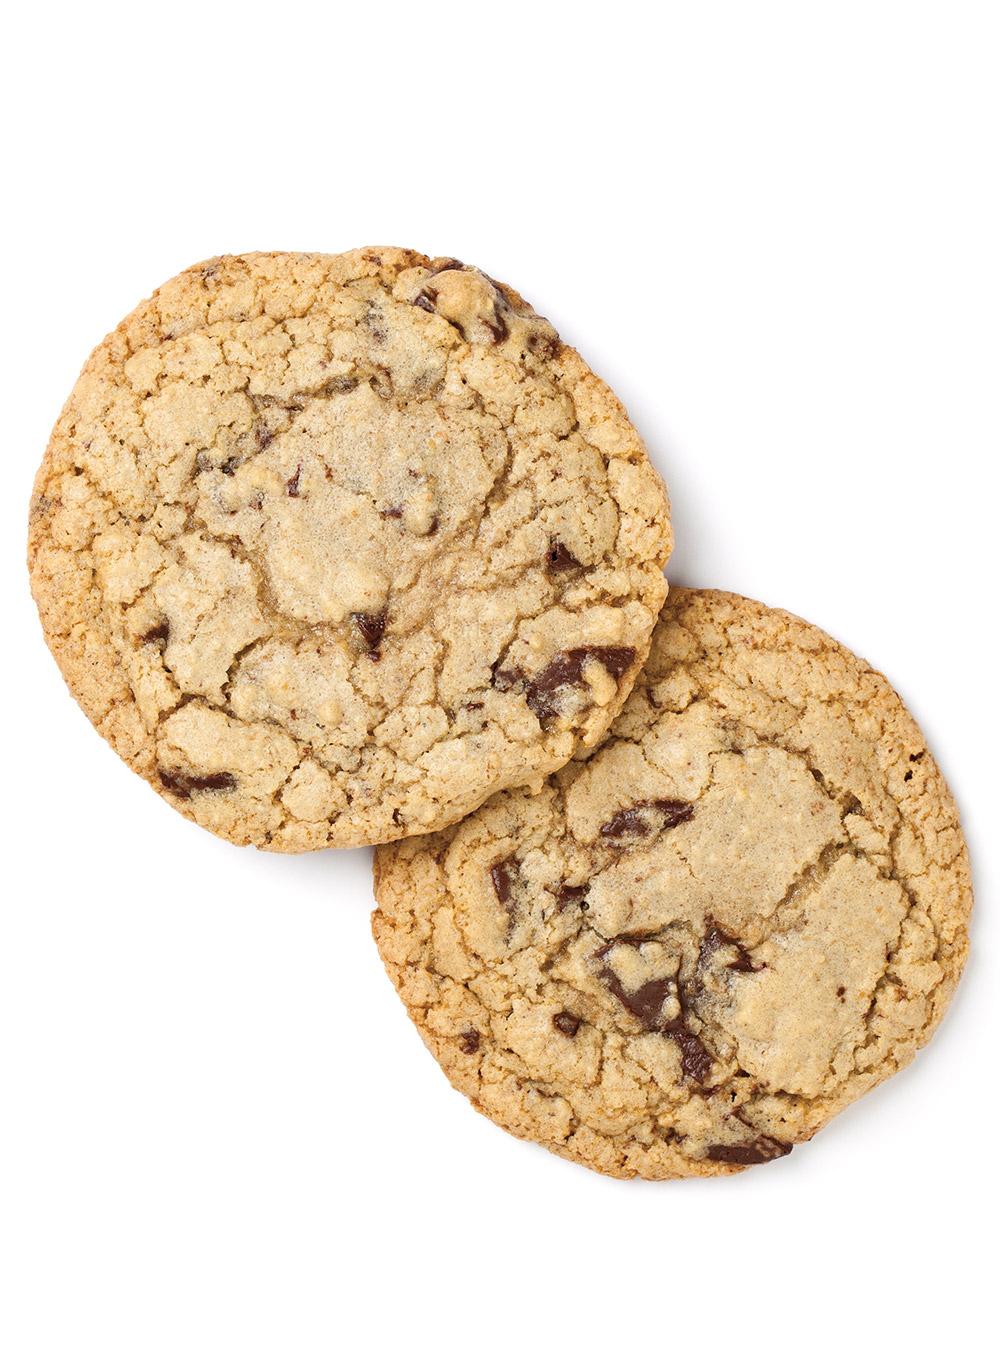 Biscuits moelleux aux brisures de chocolat (version allégée) | ricardo